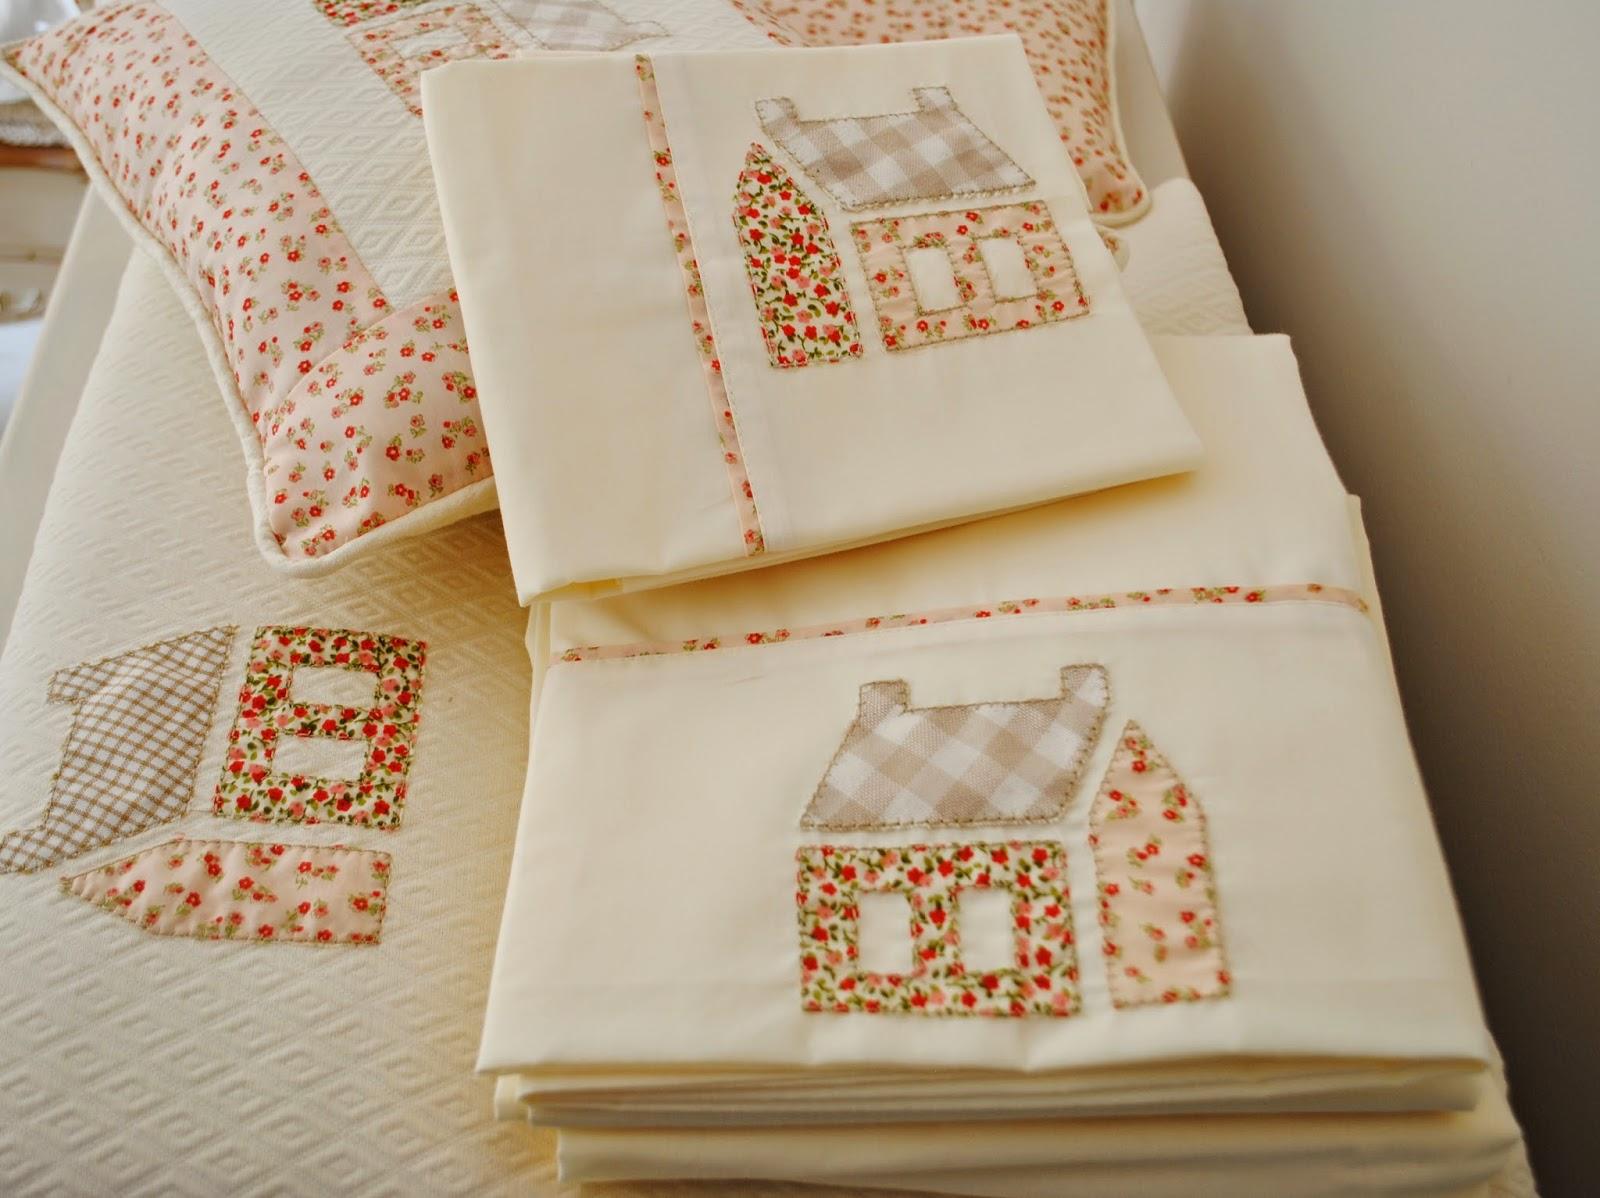 Paz montealegre decoraci n s banas bordadas para ni os - Sabanas para ninos ...